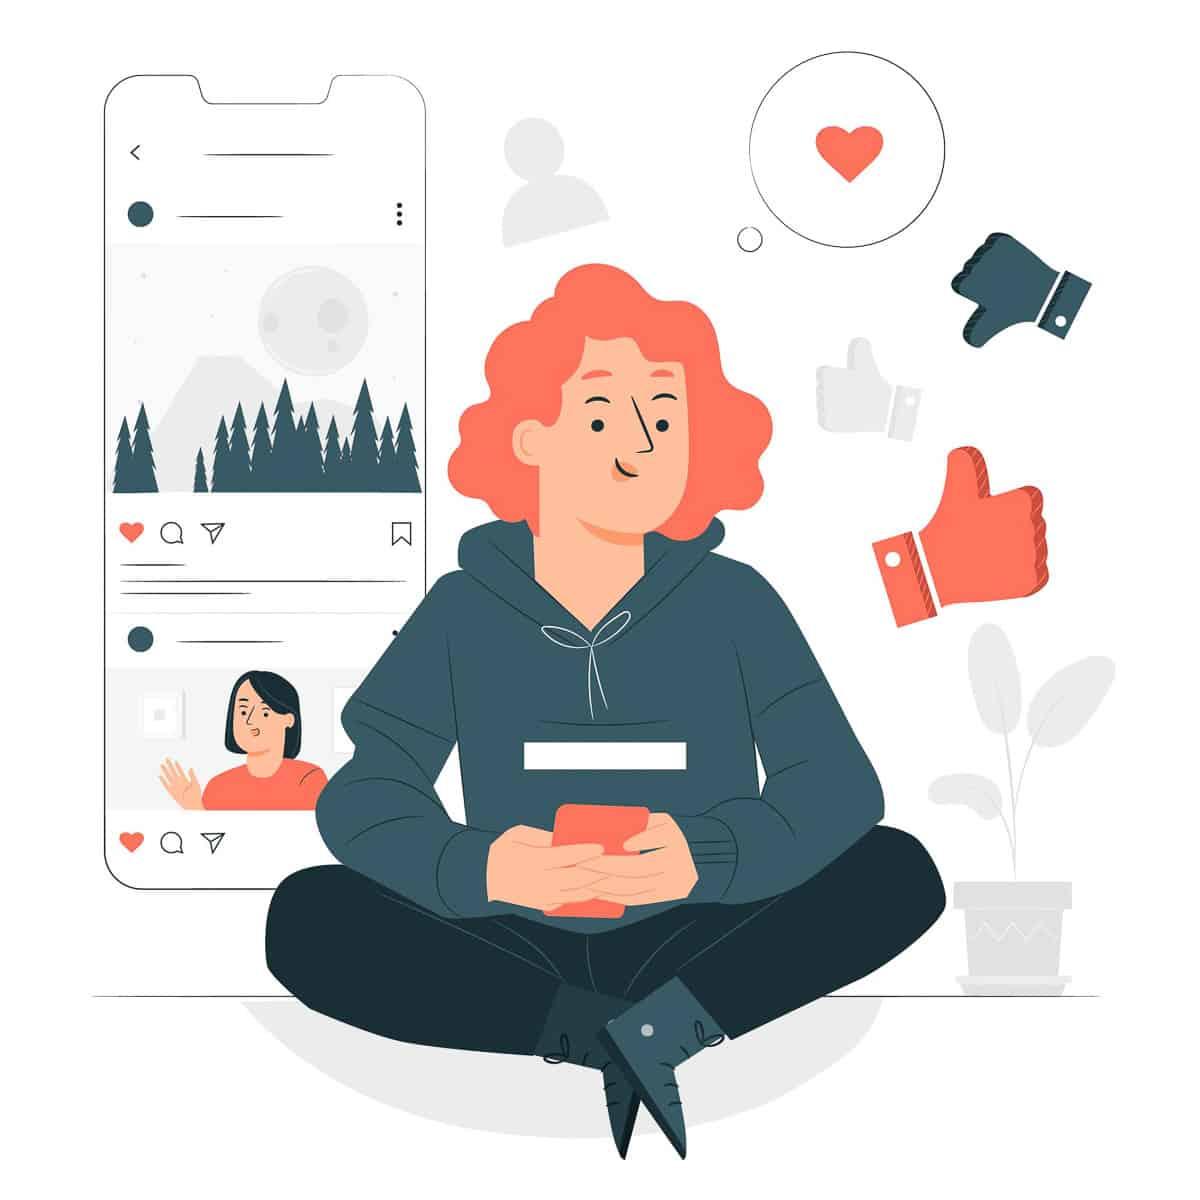 girl using social media platforms